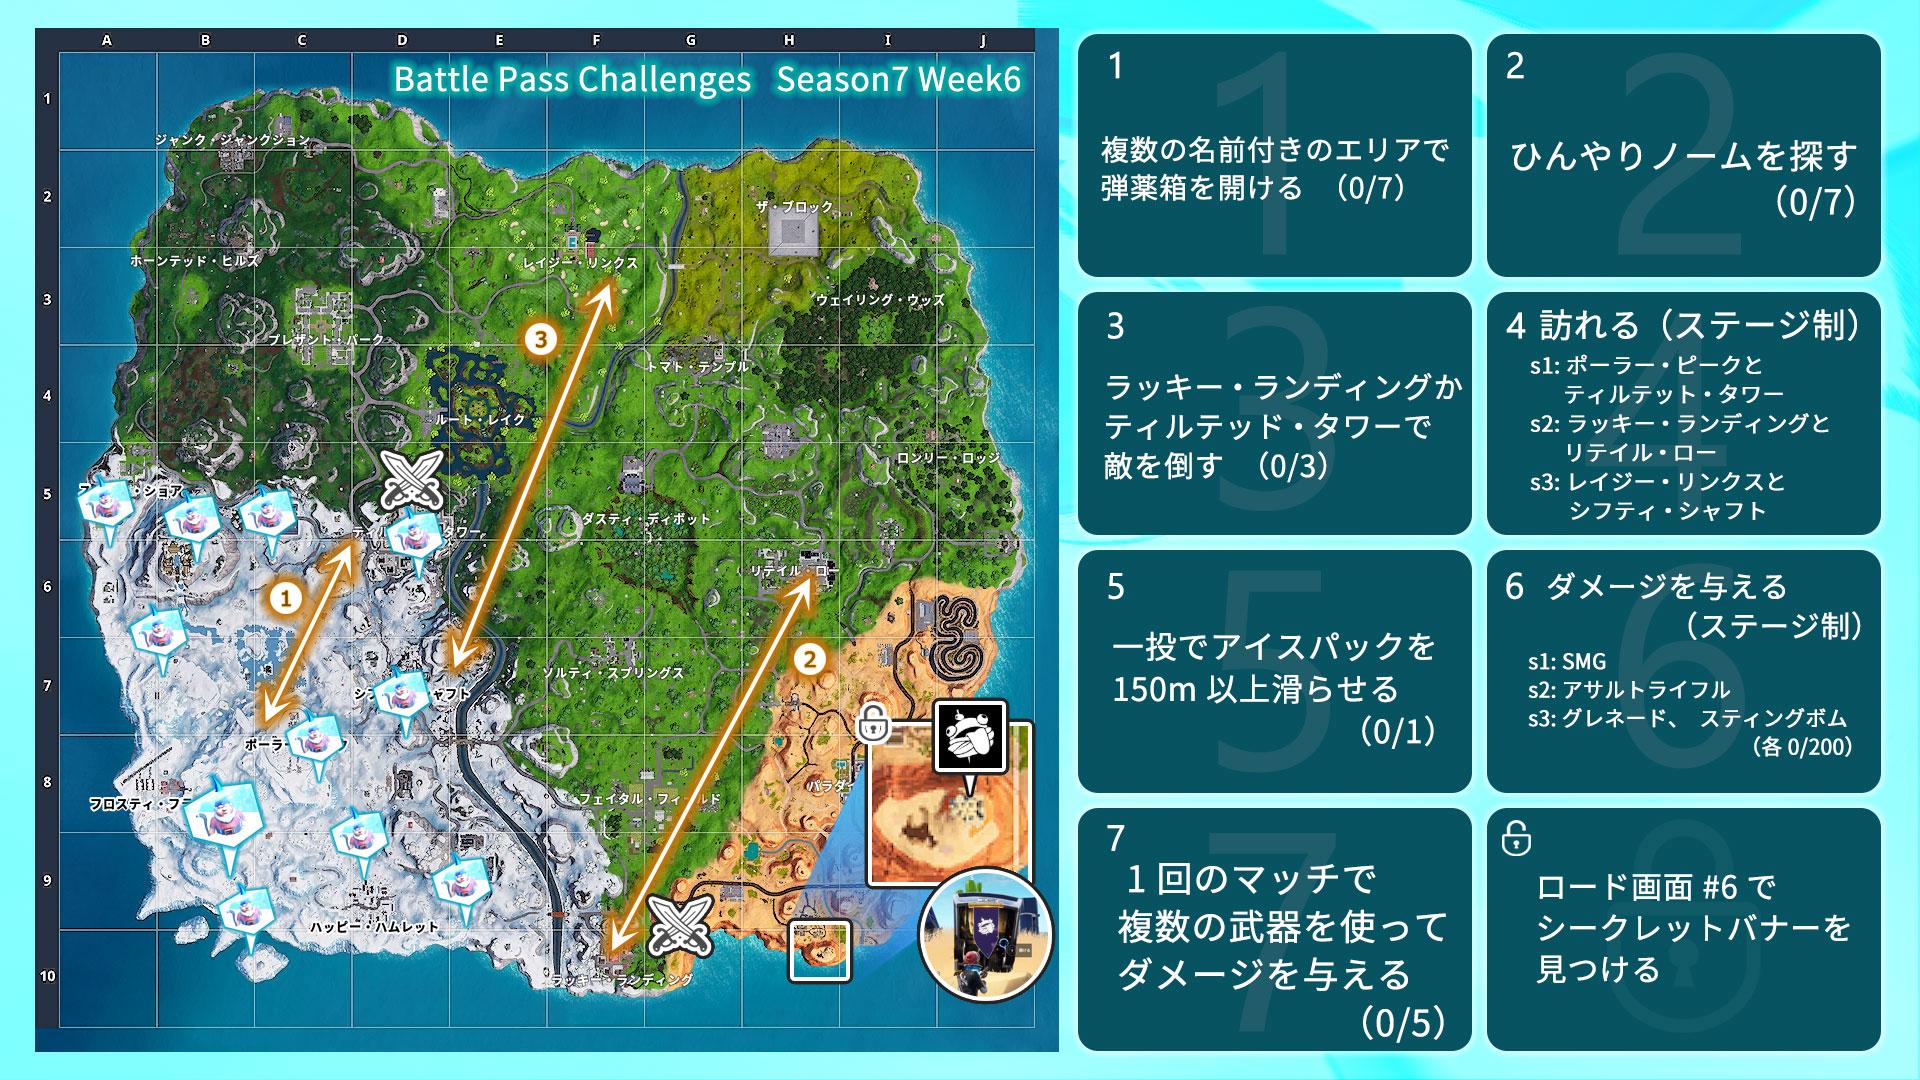 【フォートナイト】ウィーク6チャレンジ攻略まとめ(シーズン7バトルパス)マップ